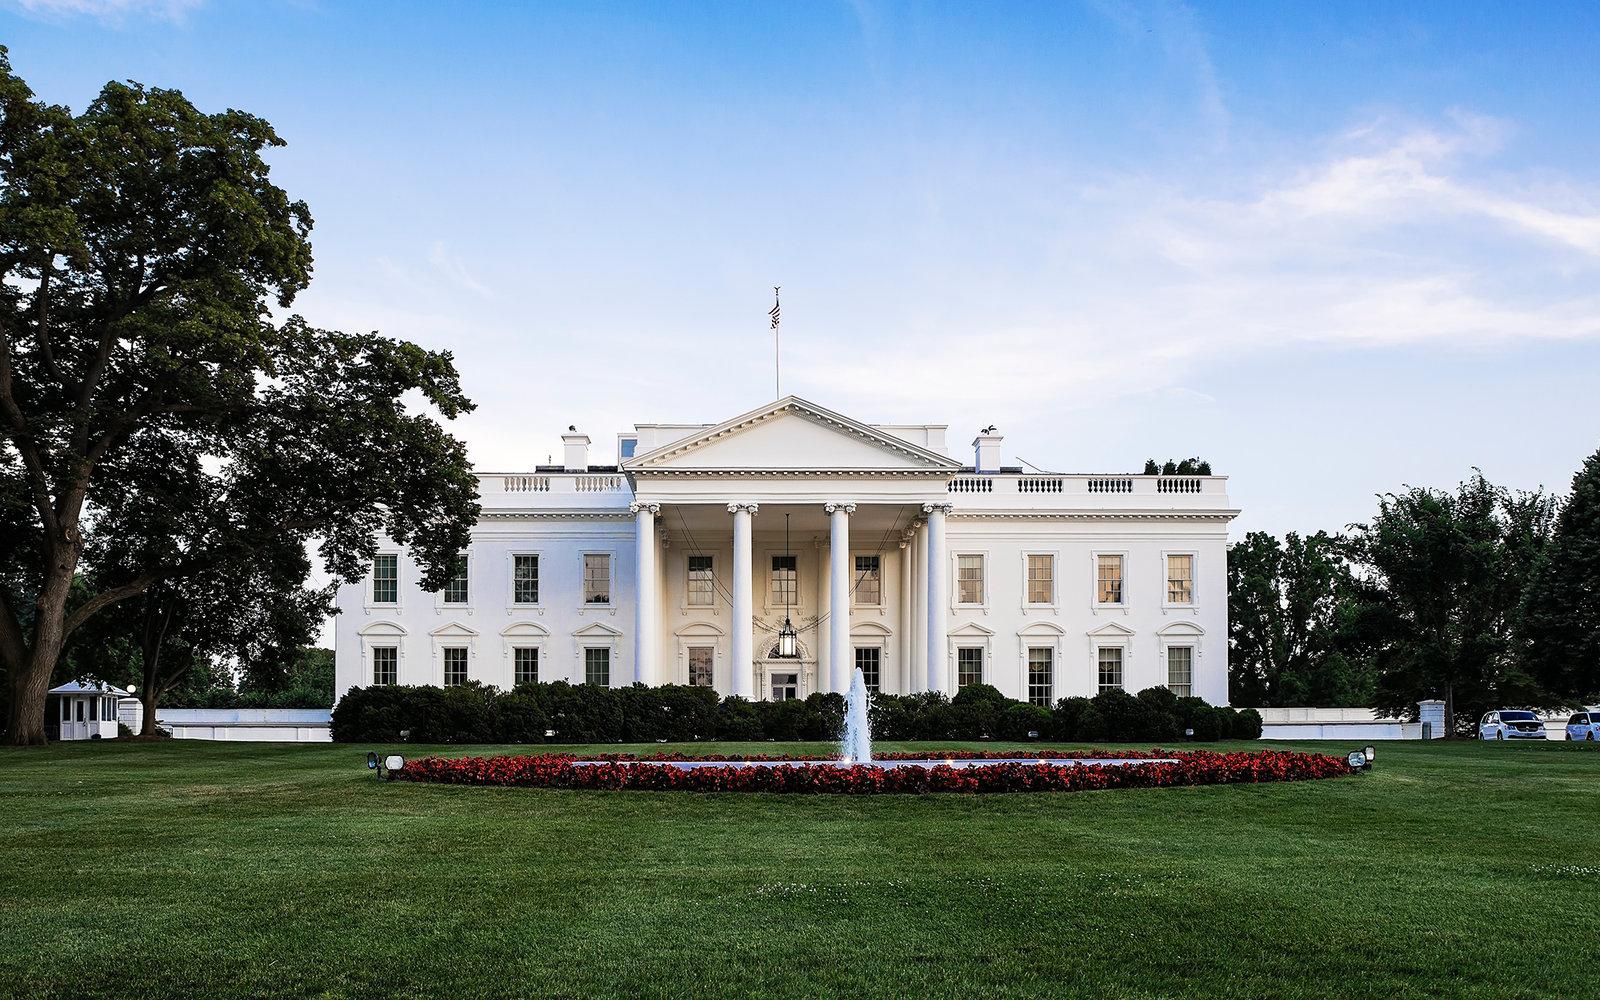 Gedung Putih berhentikan kepala rumah tangga perempuan pertama